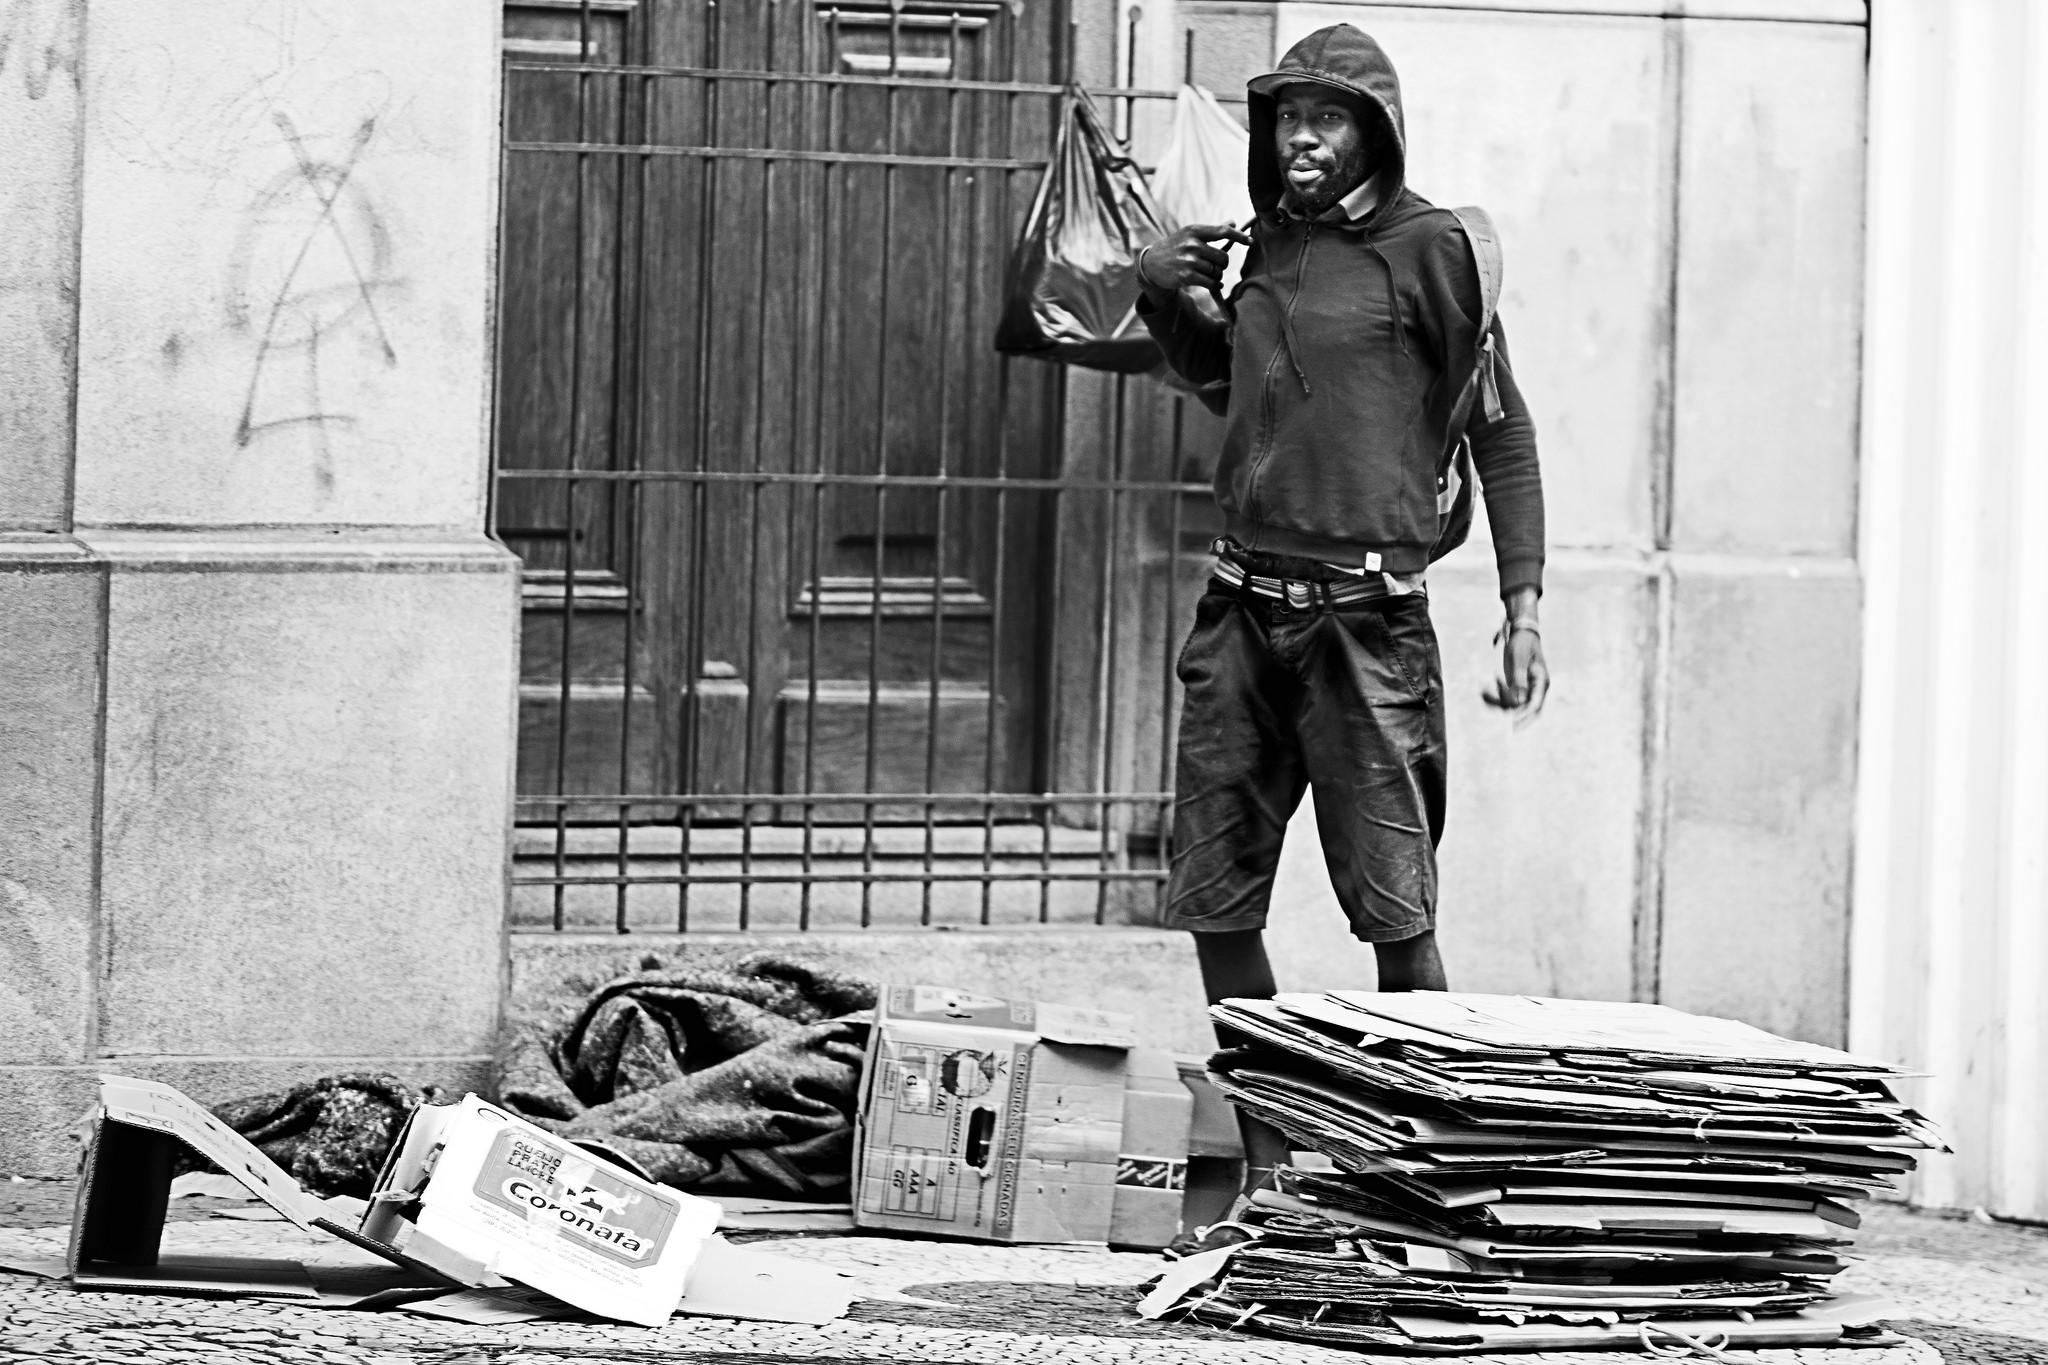 morador de rua no centro antigo